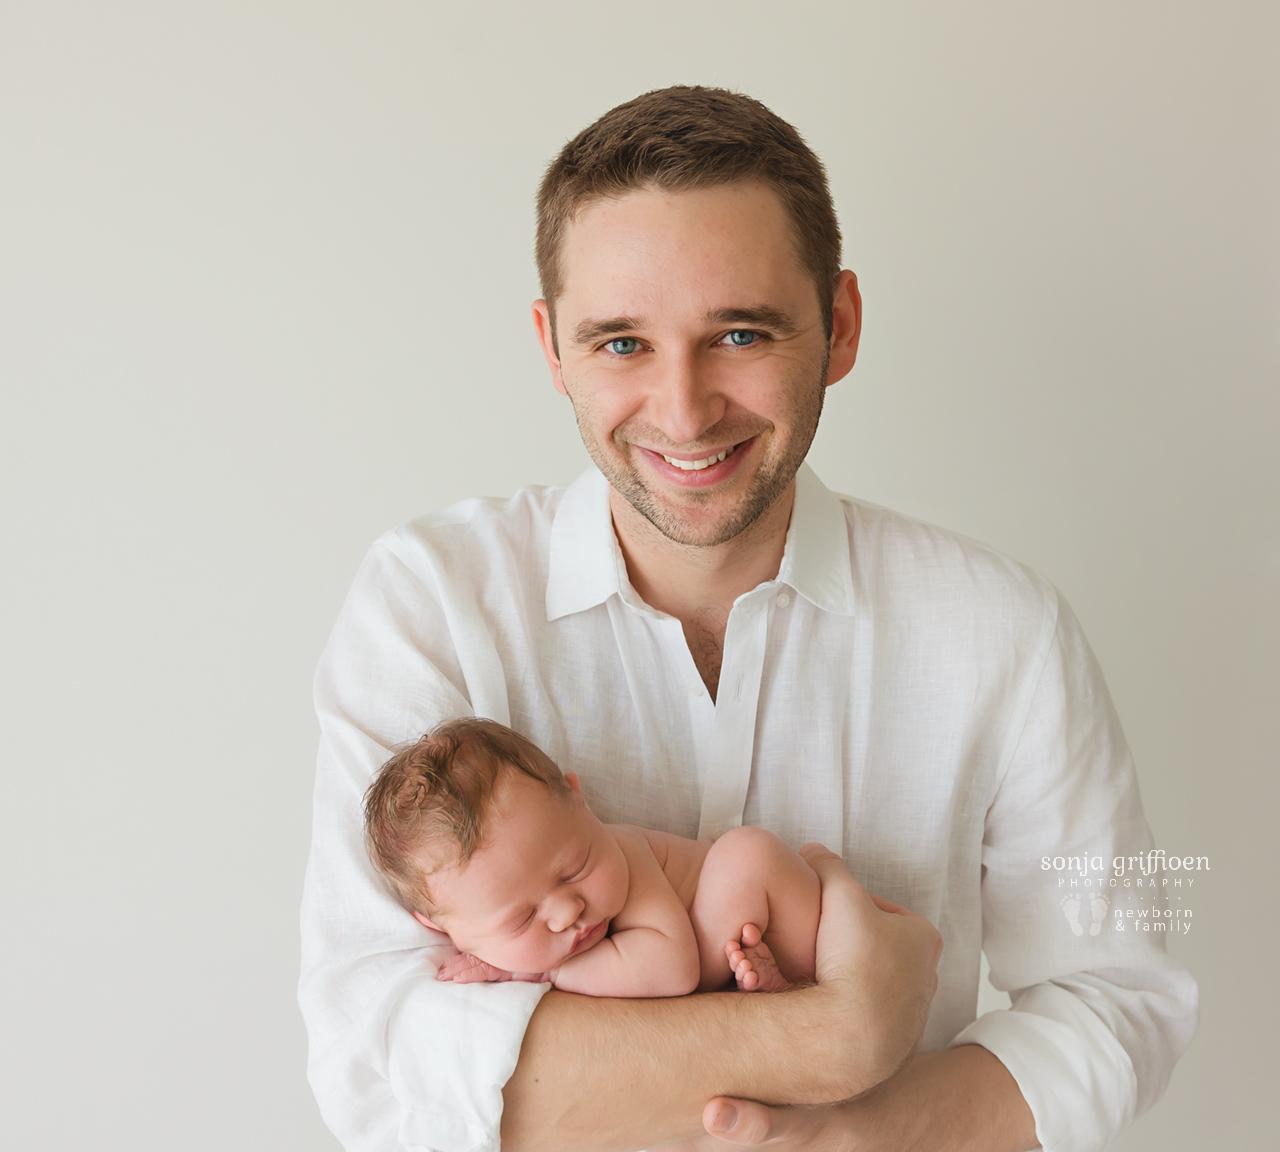 Michelle-Ivy-Newborn-Brisbane-Newborn-Photographer-Sonja-Griffioen-01.jpg